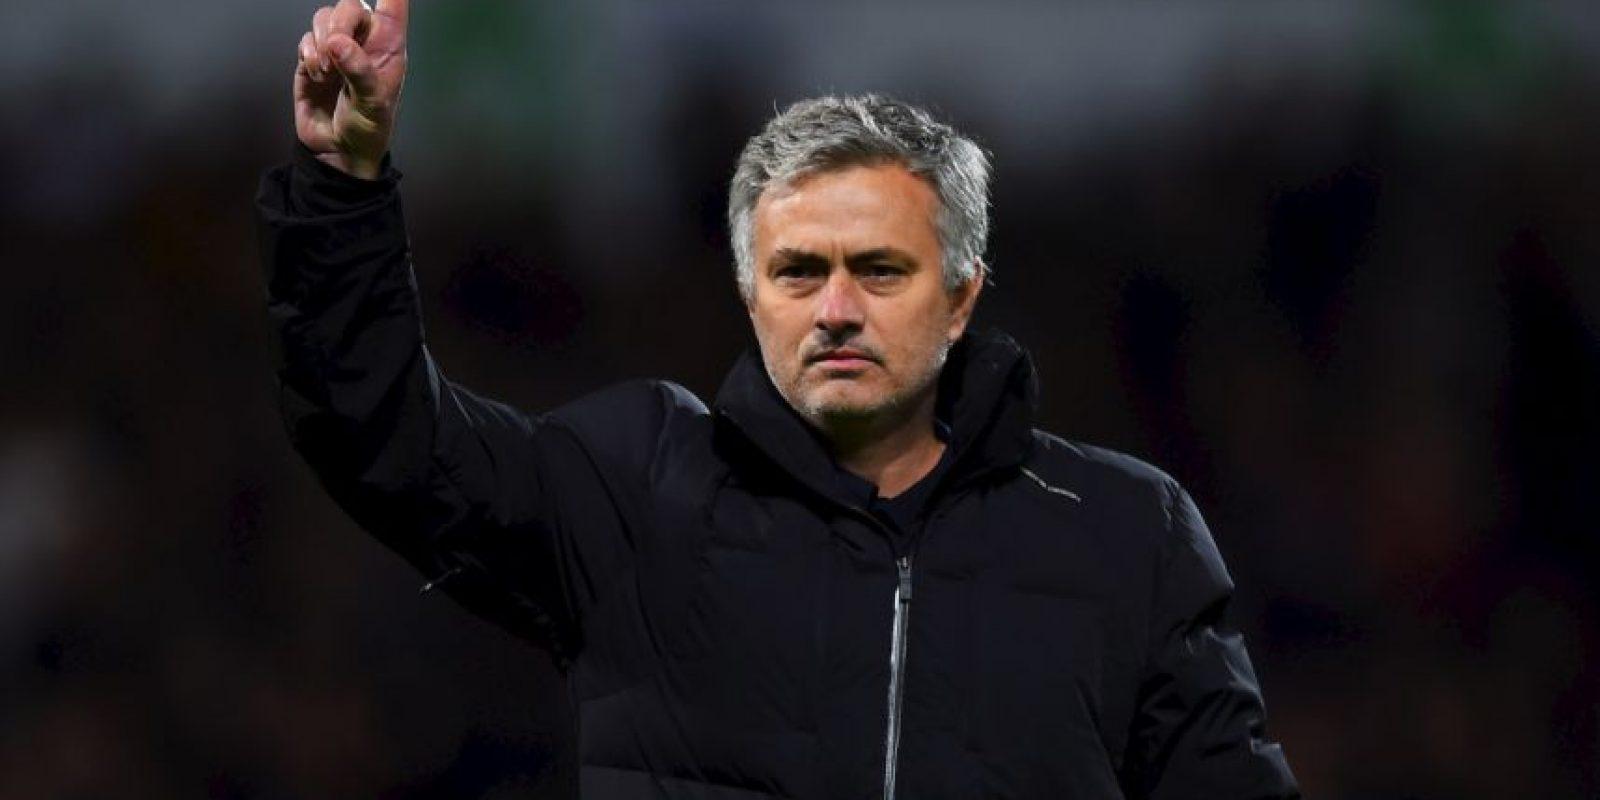 Se coronó campeón de liga en la campaña 2011-2012, alcanzando el récord de los 100 puntos. Foto:Getty Images